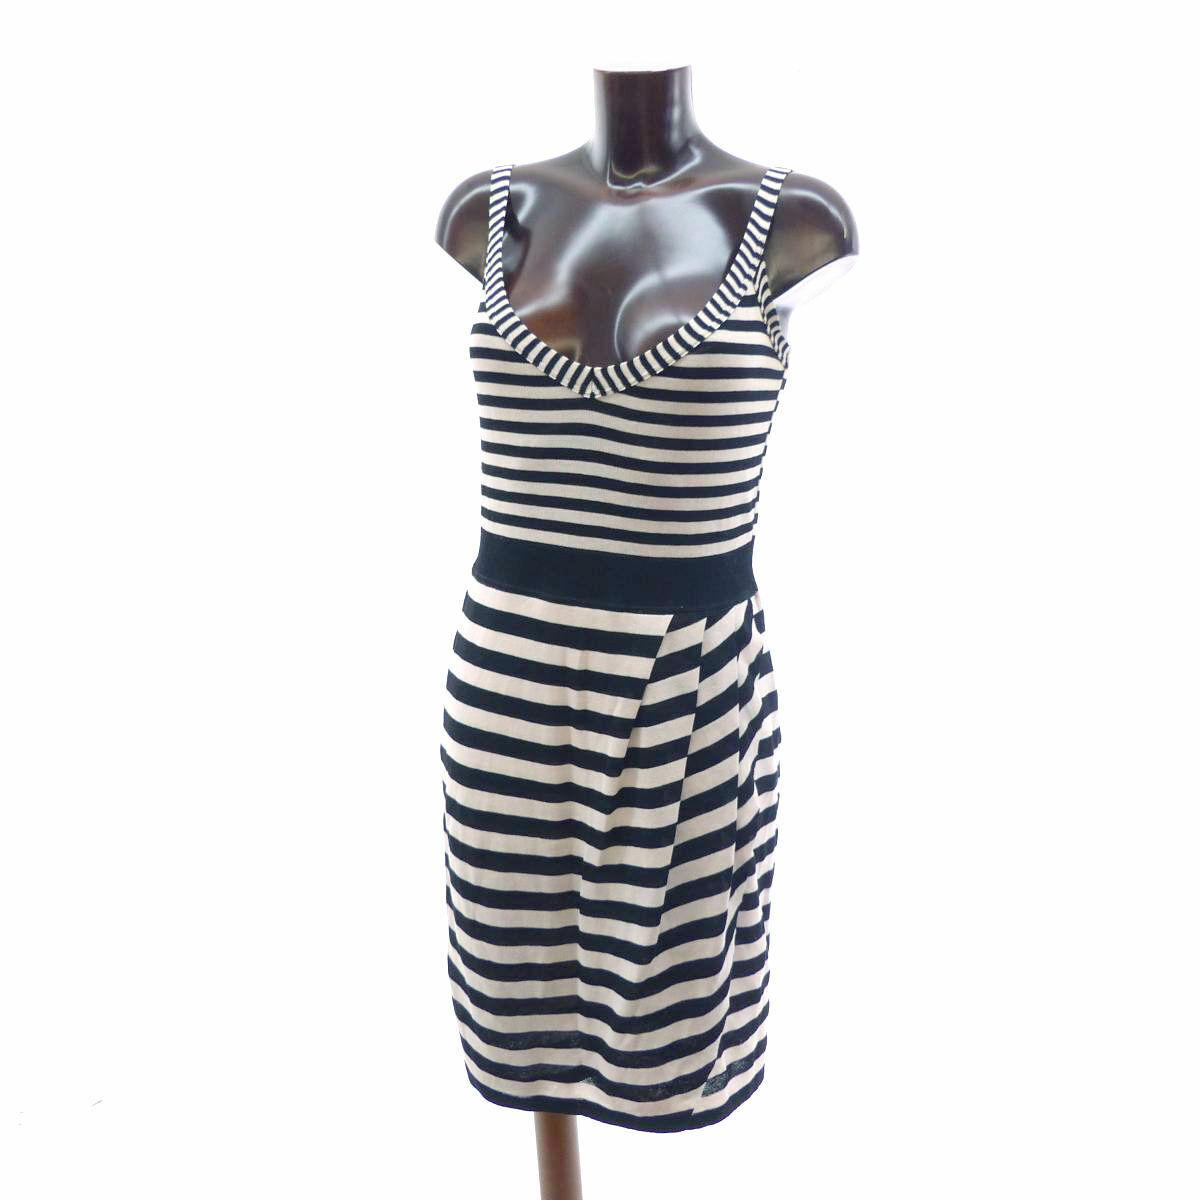 Leinen Sommerkleid schwarz weiß Streifen N3 N3 N3 MARC CAIN 38 gestreift Kleid  NP 69694f